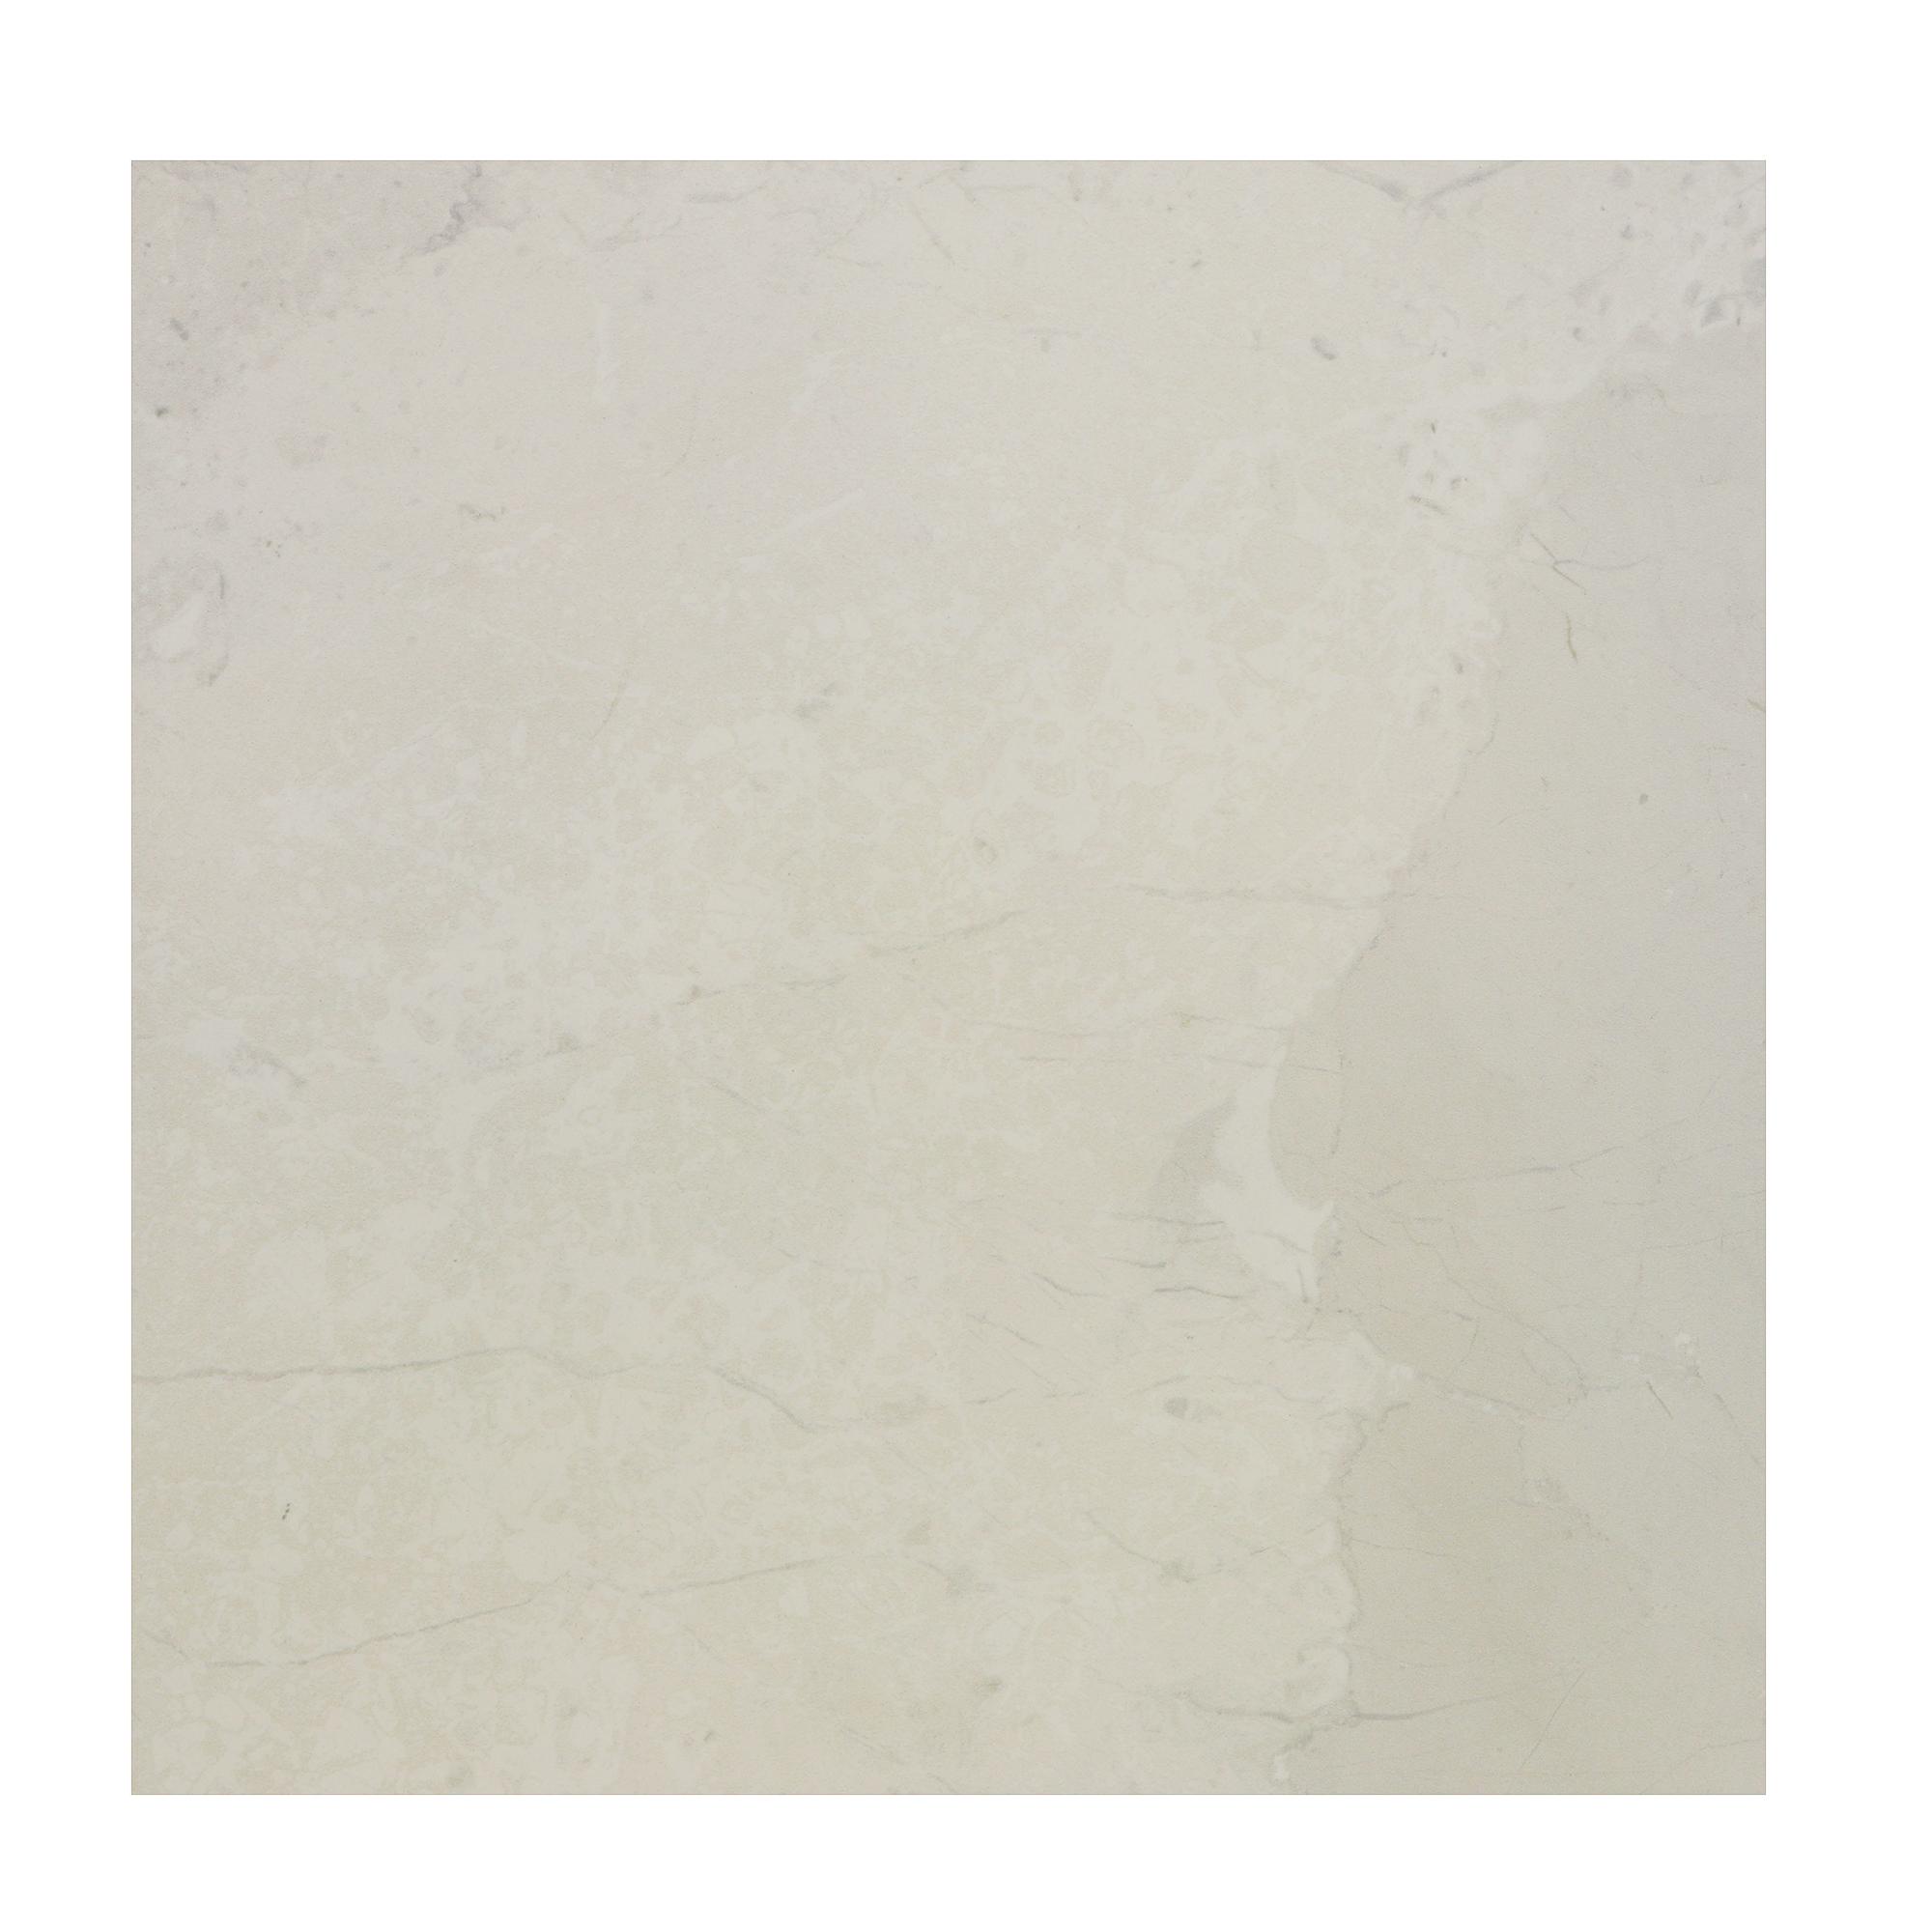 Фото - Плитка напольная Cristacer scarlett white 45х45 плитка напольная cristacer avenue grey gr 59 2х59 2